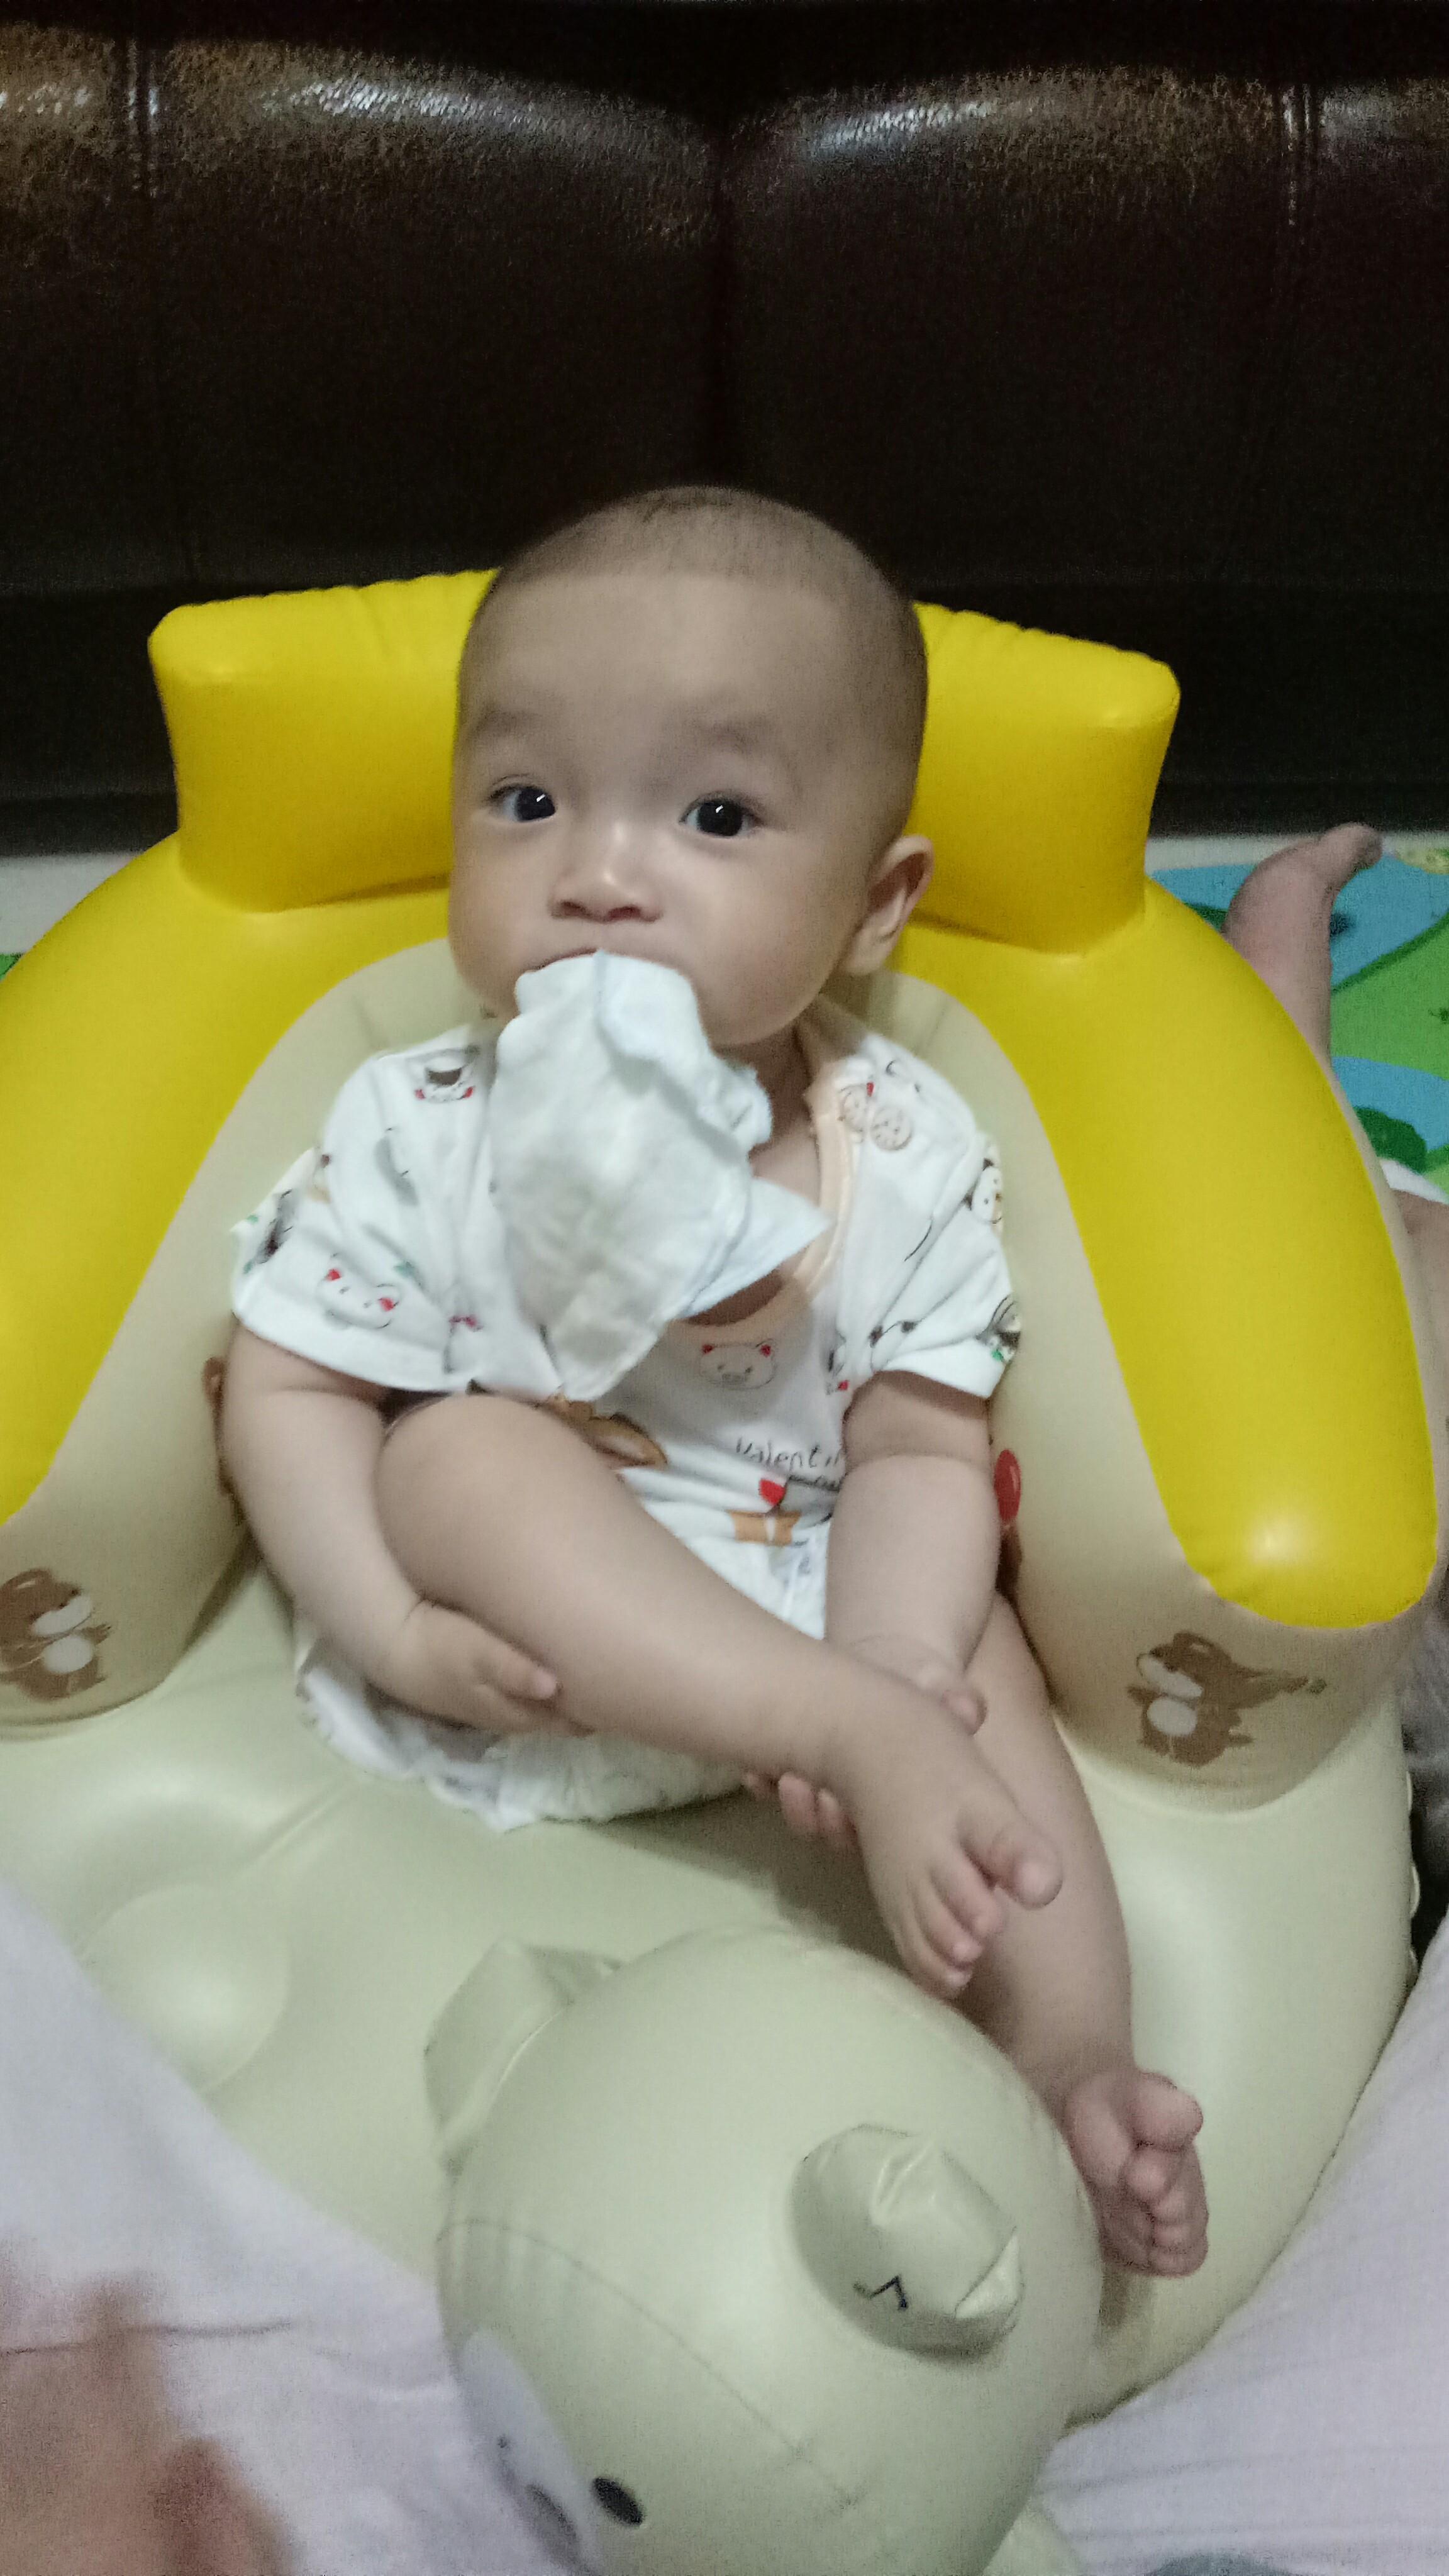 可爱小宝宝!健健康康,快高长大!_帖子_oppo手机官方